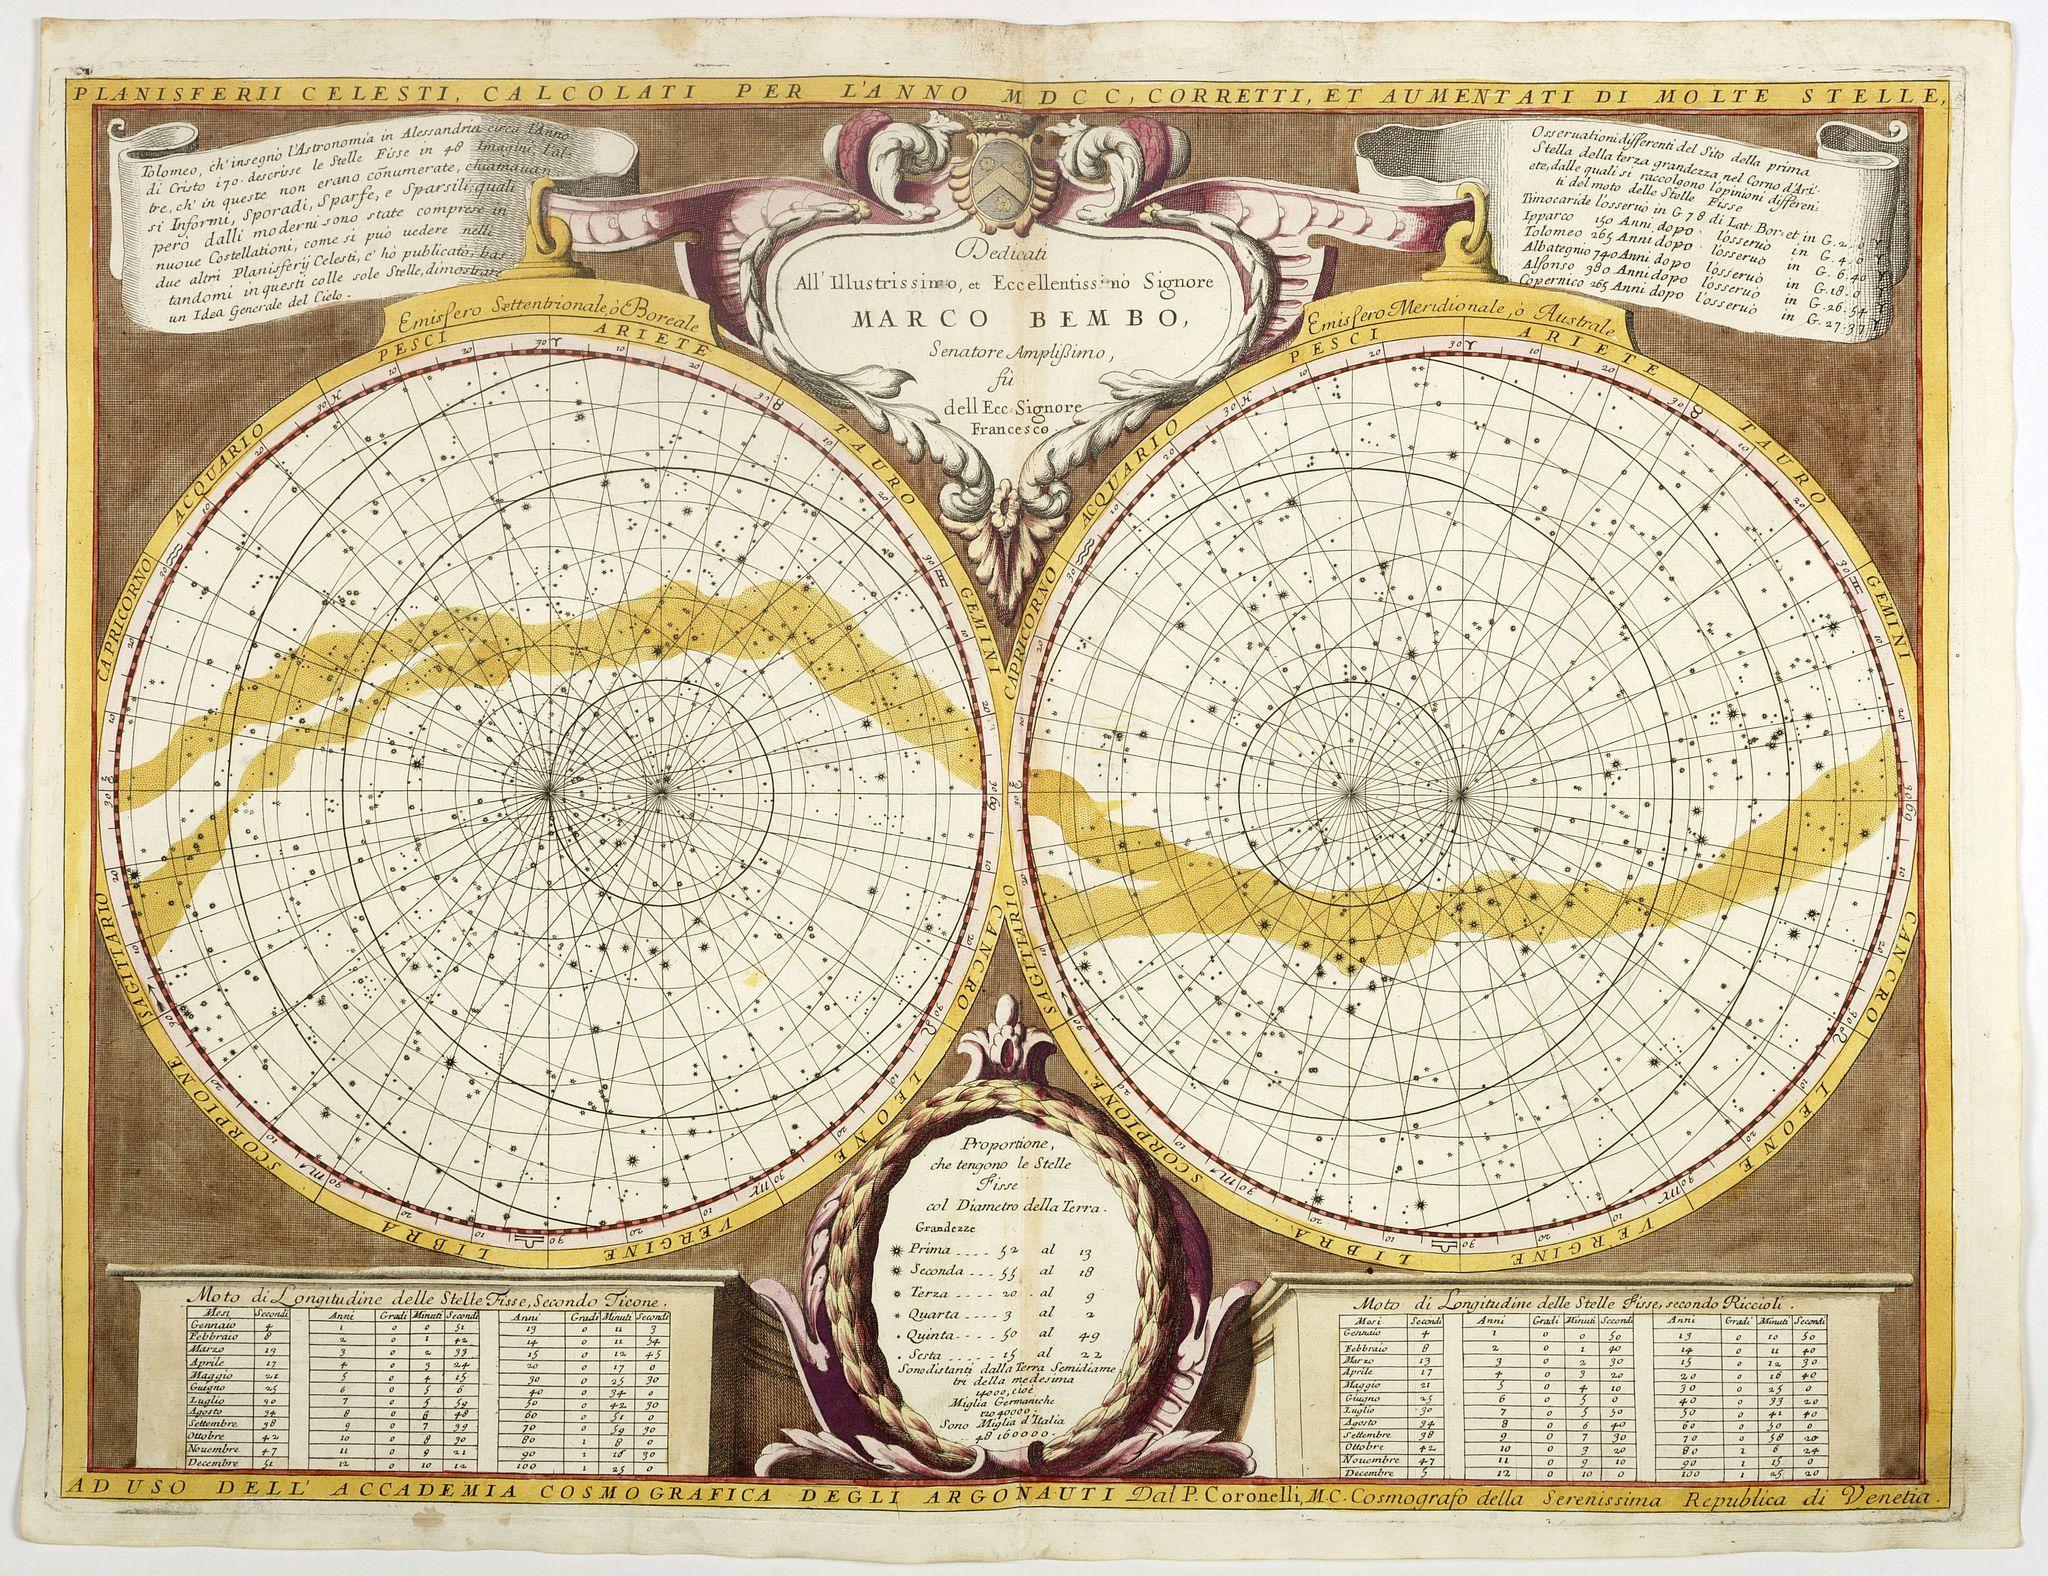 CORONELLI, V. -  Planisferii Celesti, Calcolati Per L